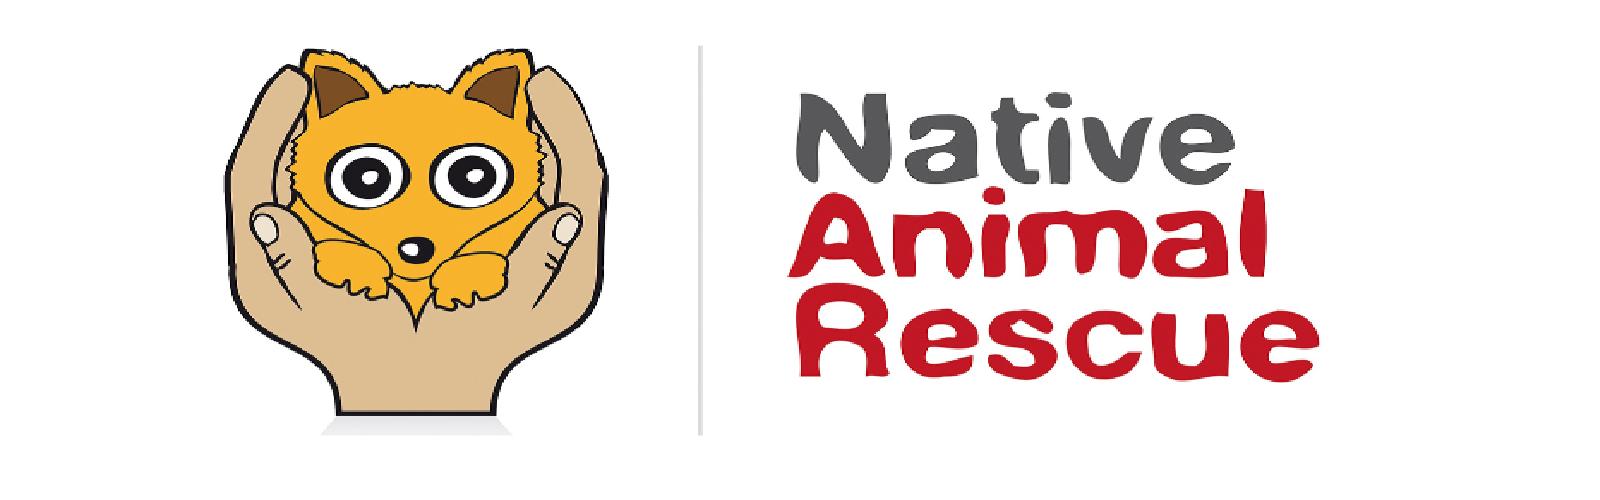 Native Animal Rescue